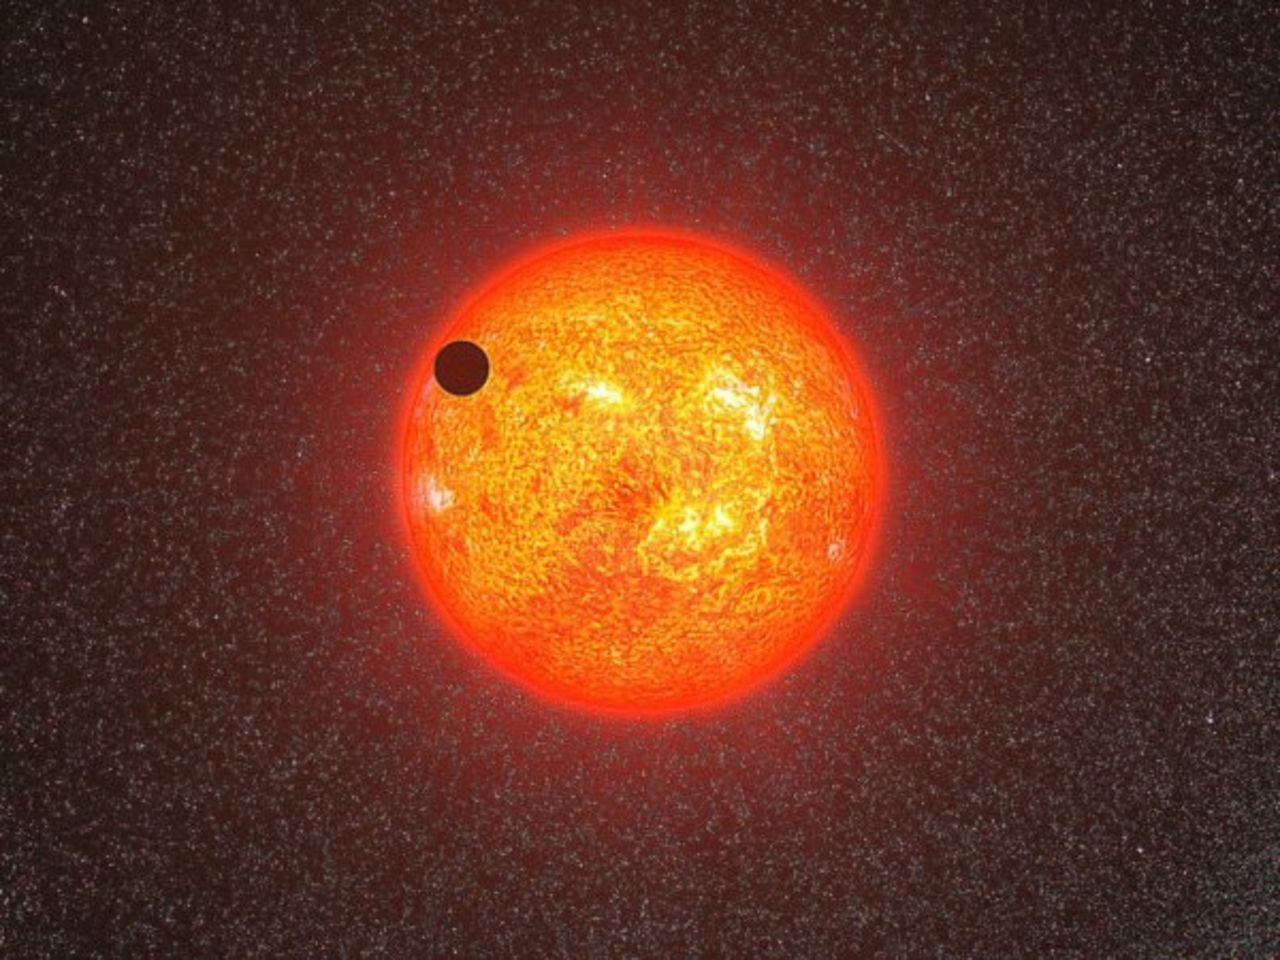 Астрономов ужаснула реальная «звезда смерти»